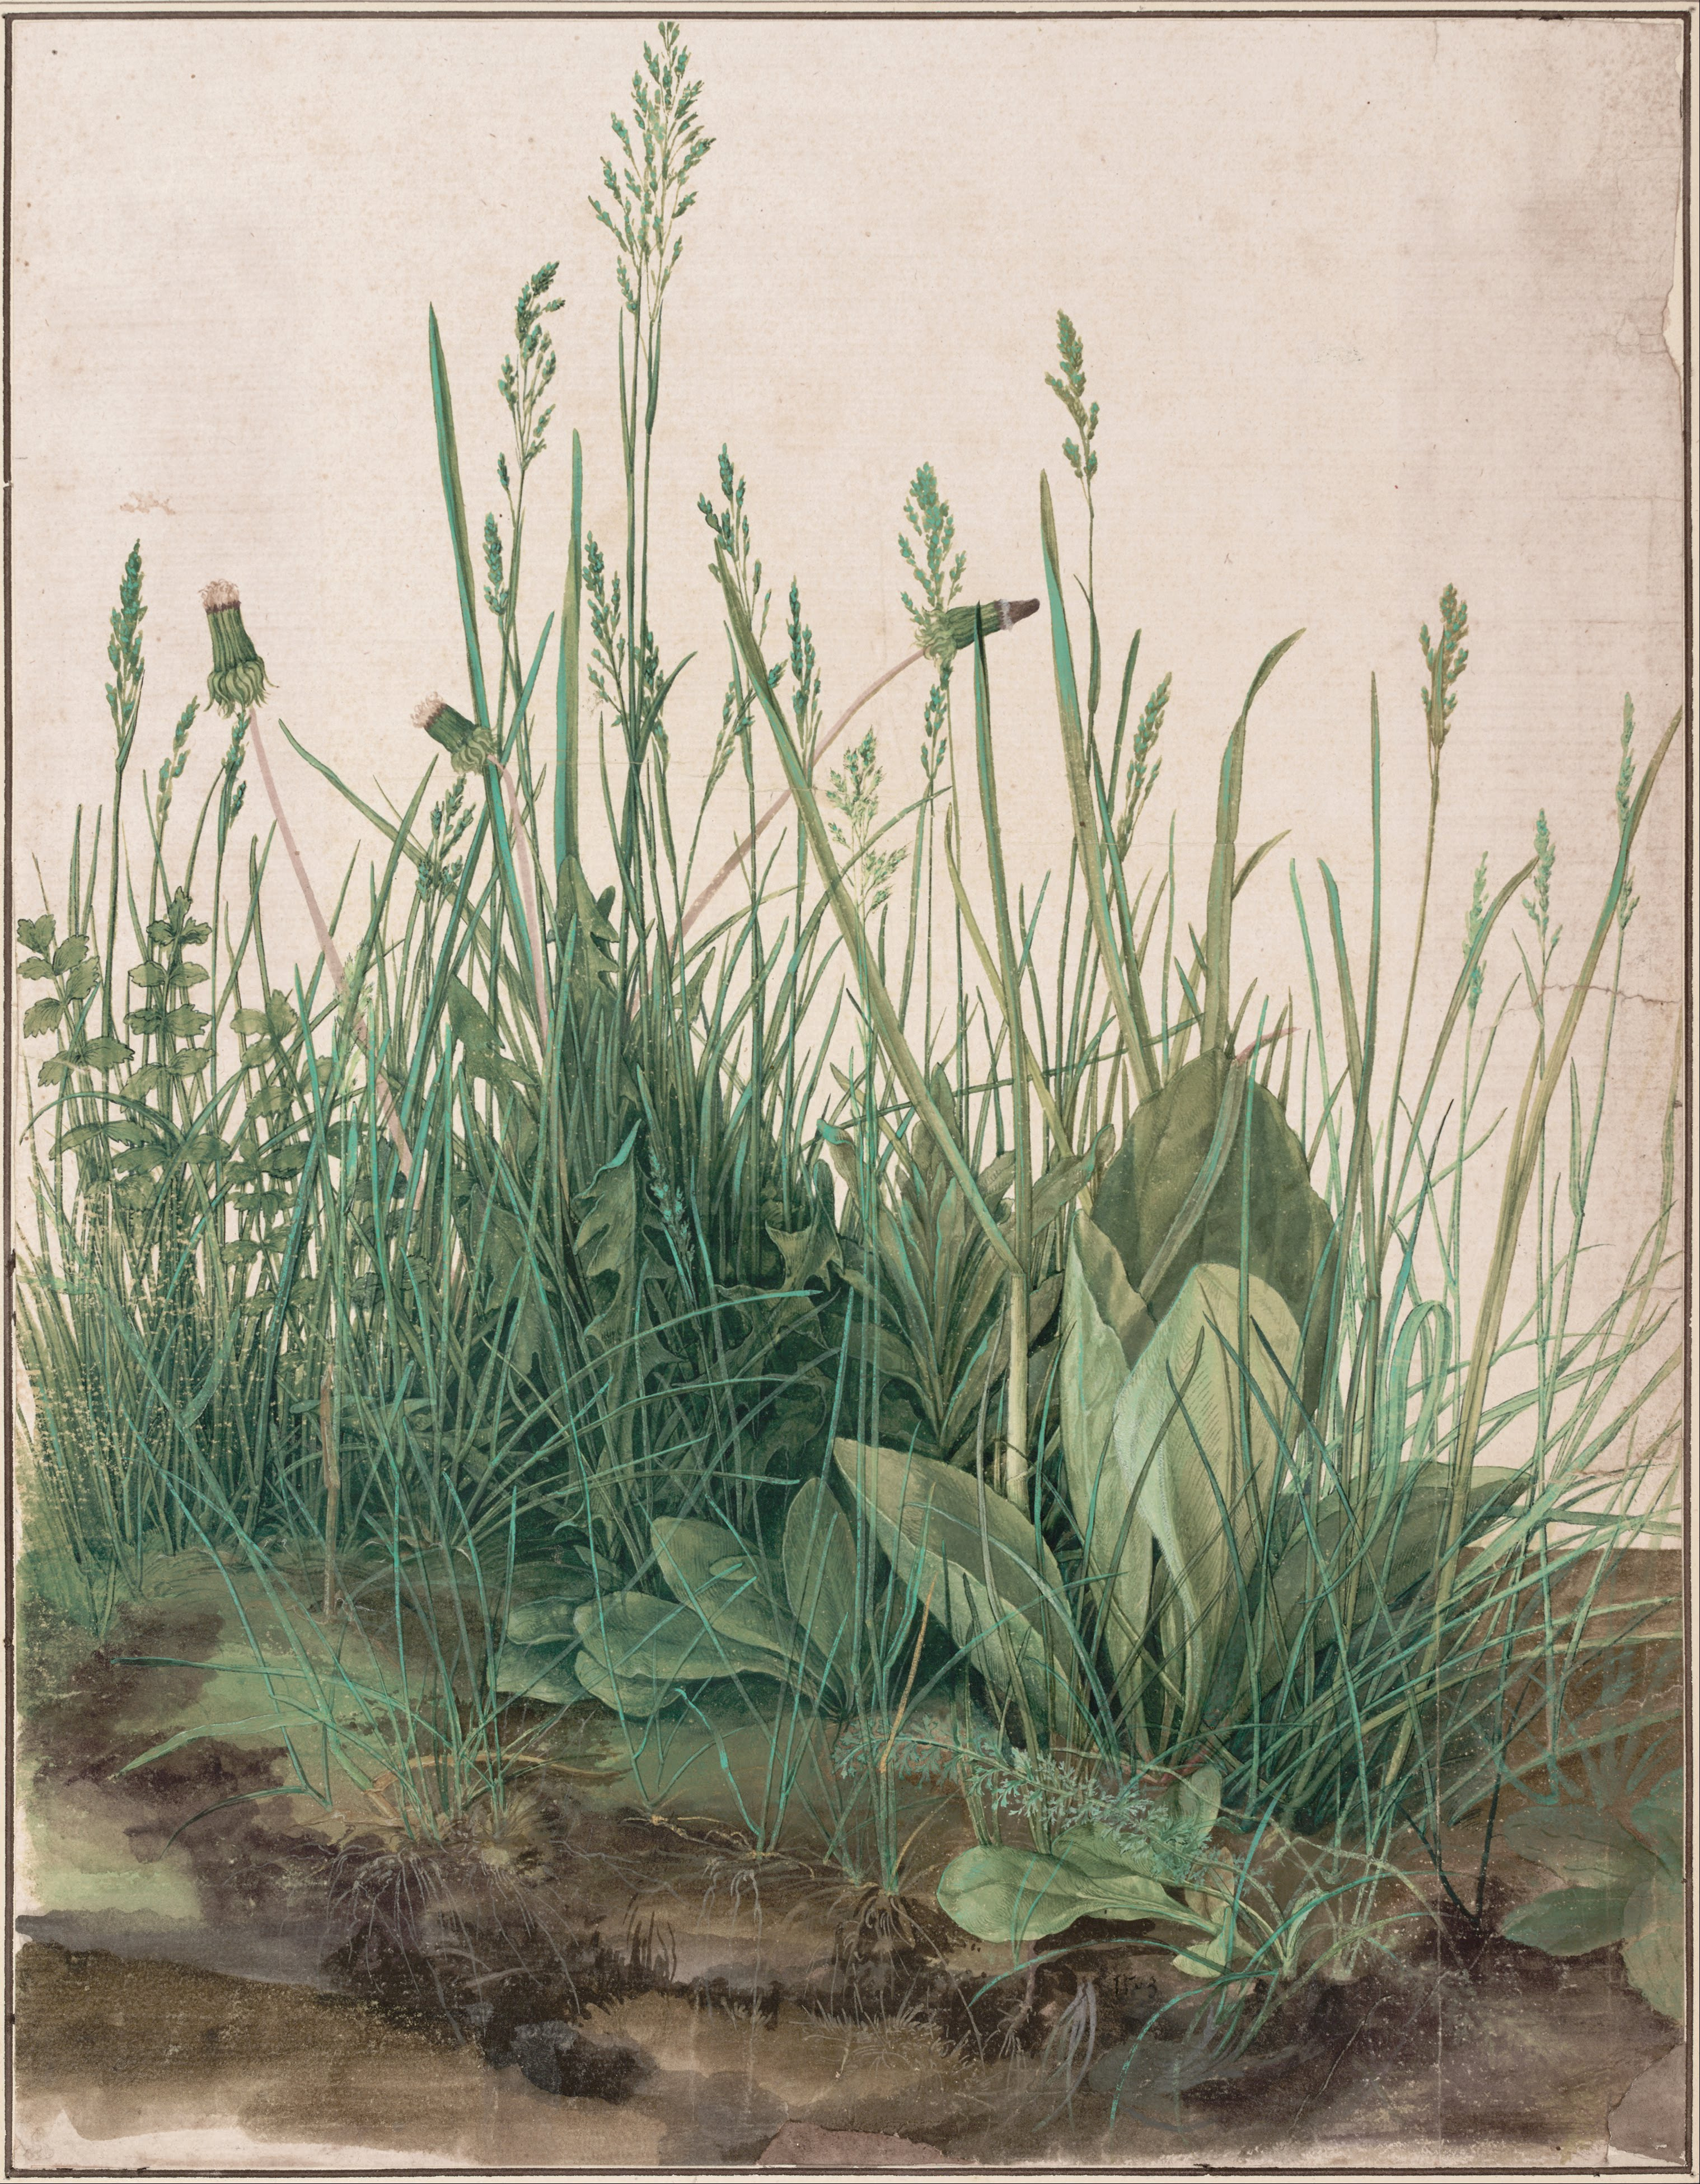 Albrecht_Dürer_-_The_Large_Piece_of_Turf,_1503_-_Google_Art_Project